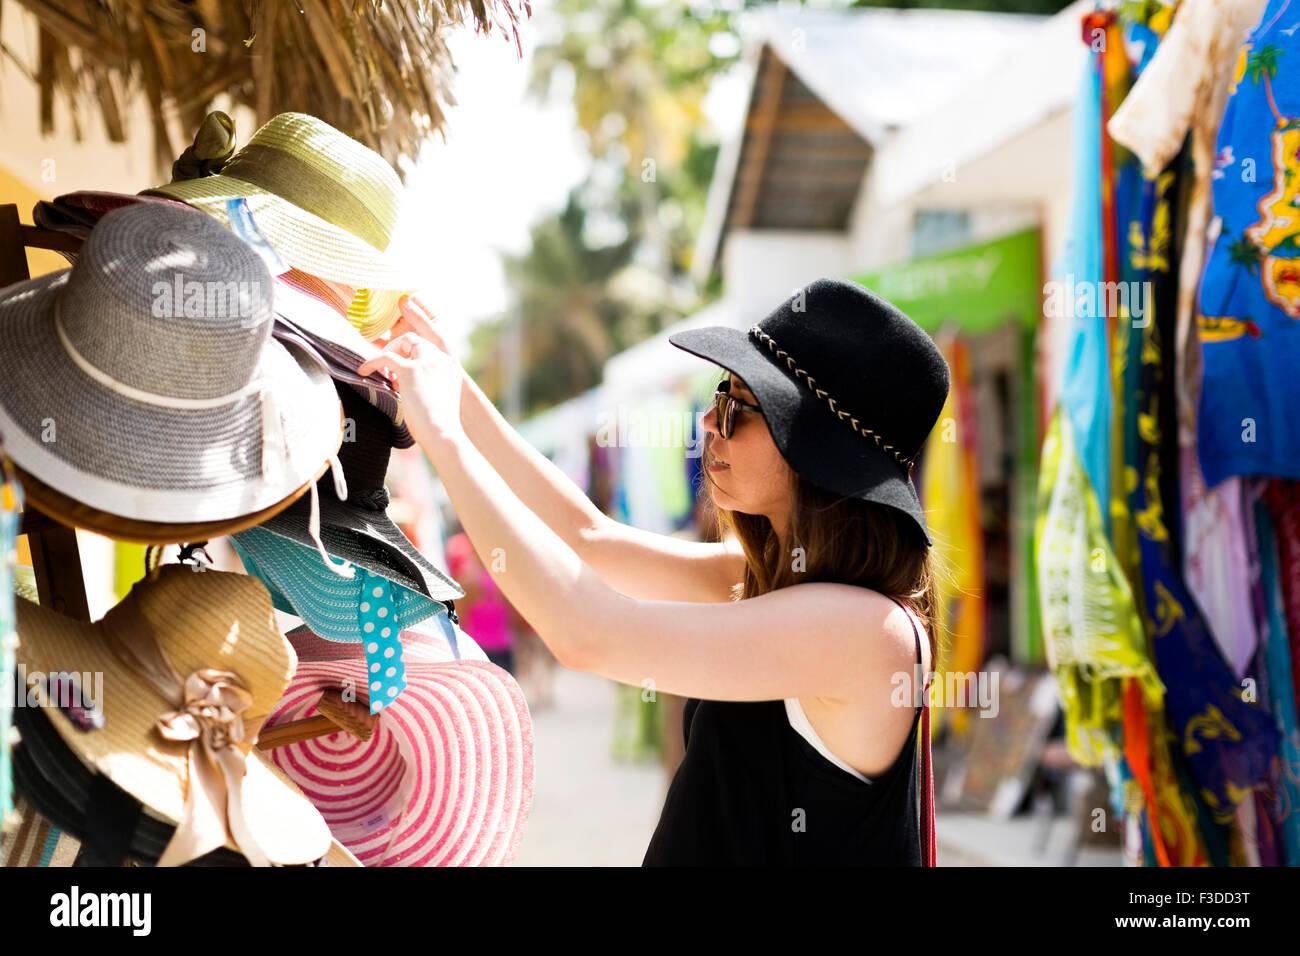 Woman looking at hats - Stock Image